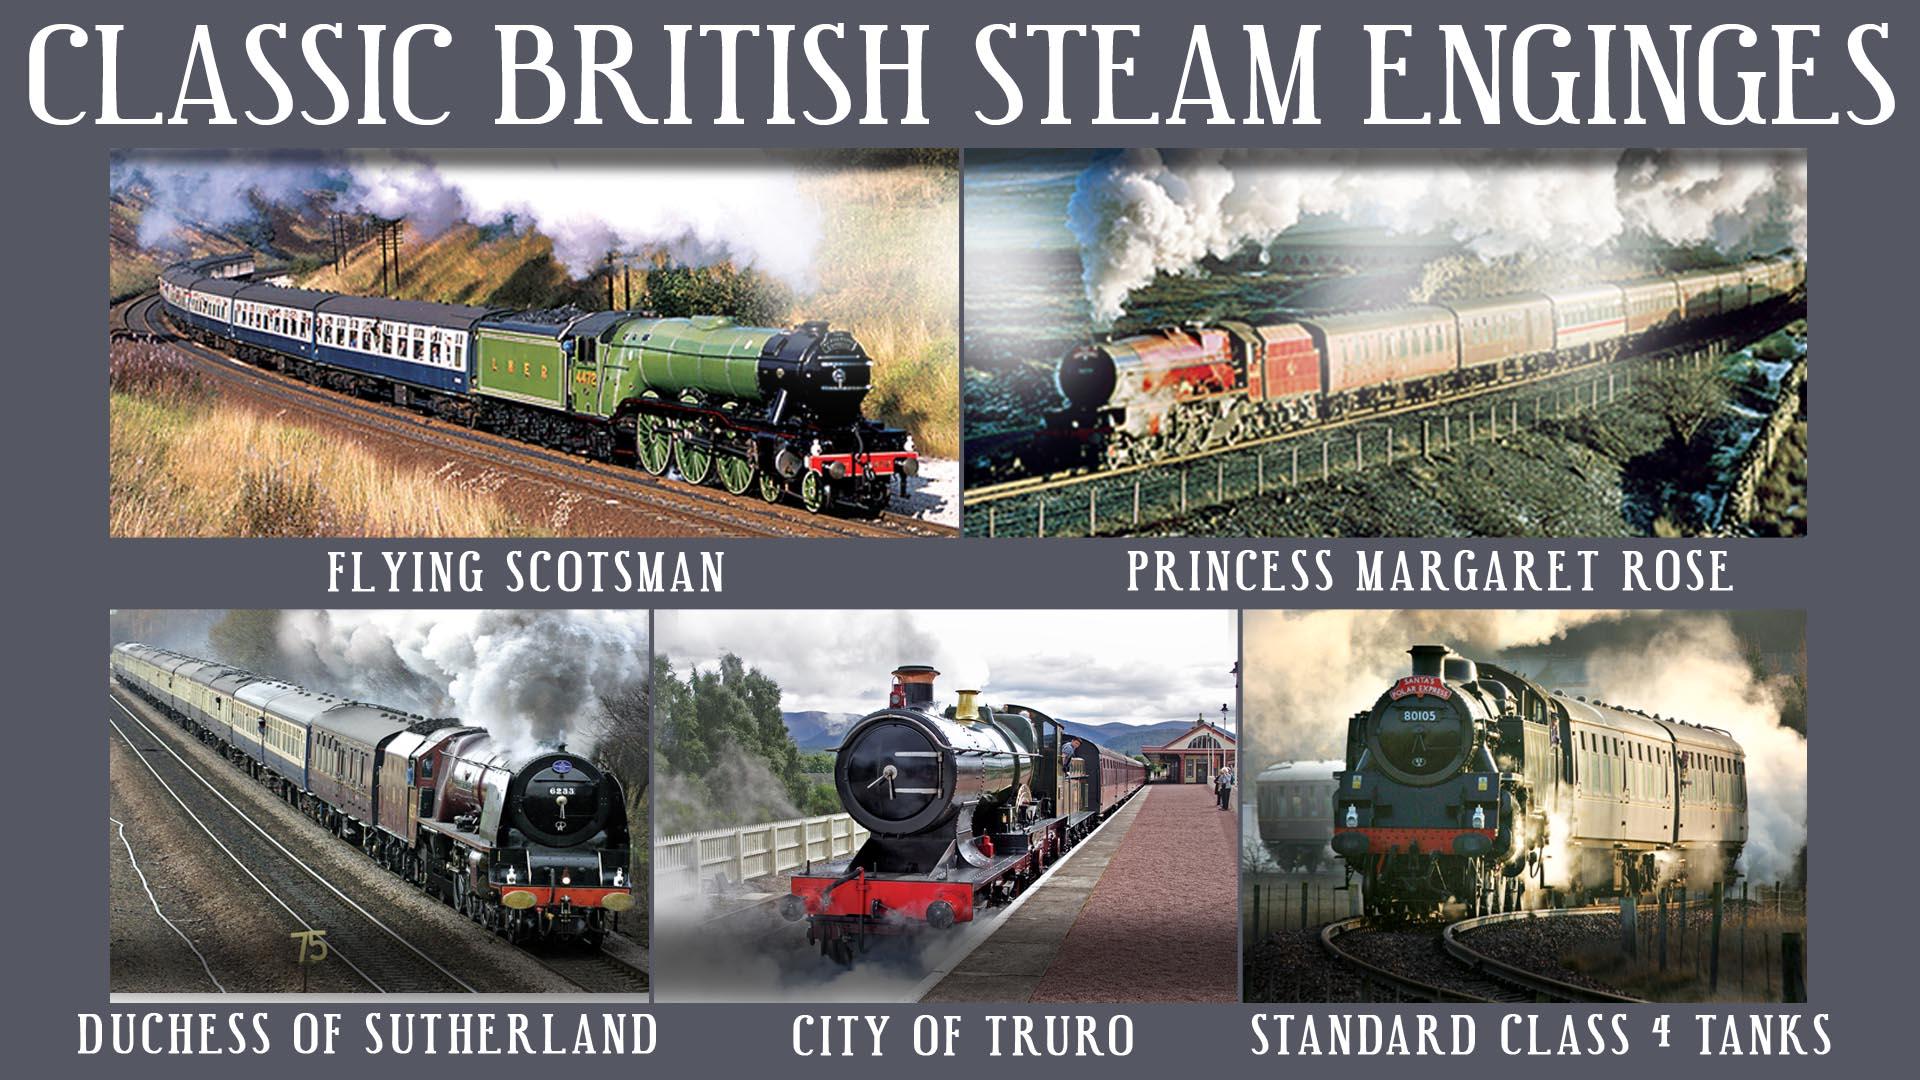 Classic British Steam Engines -